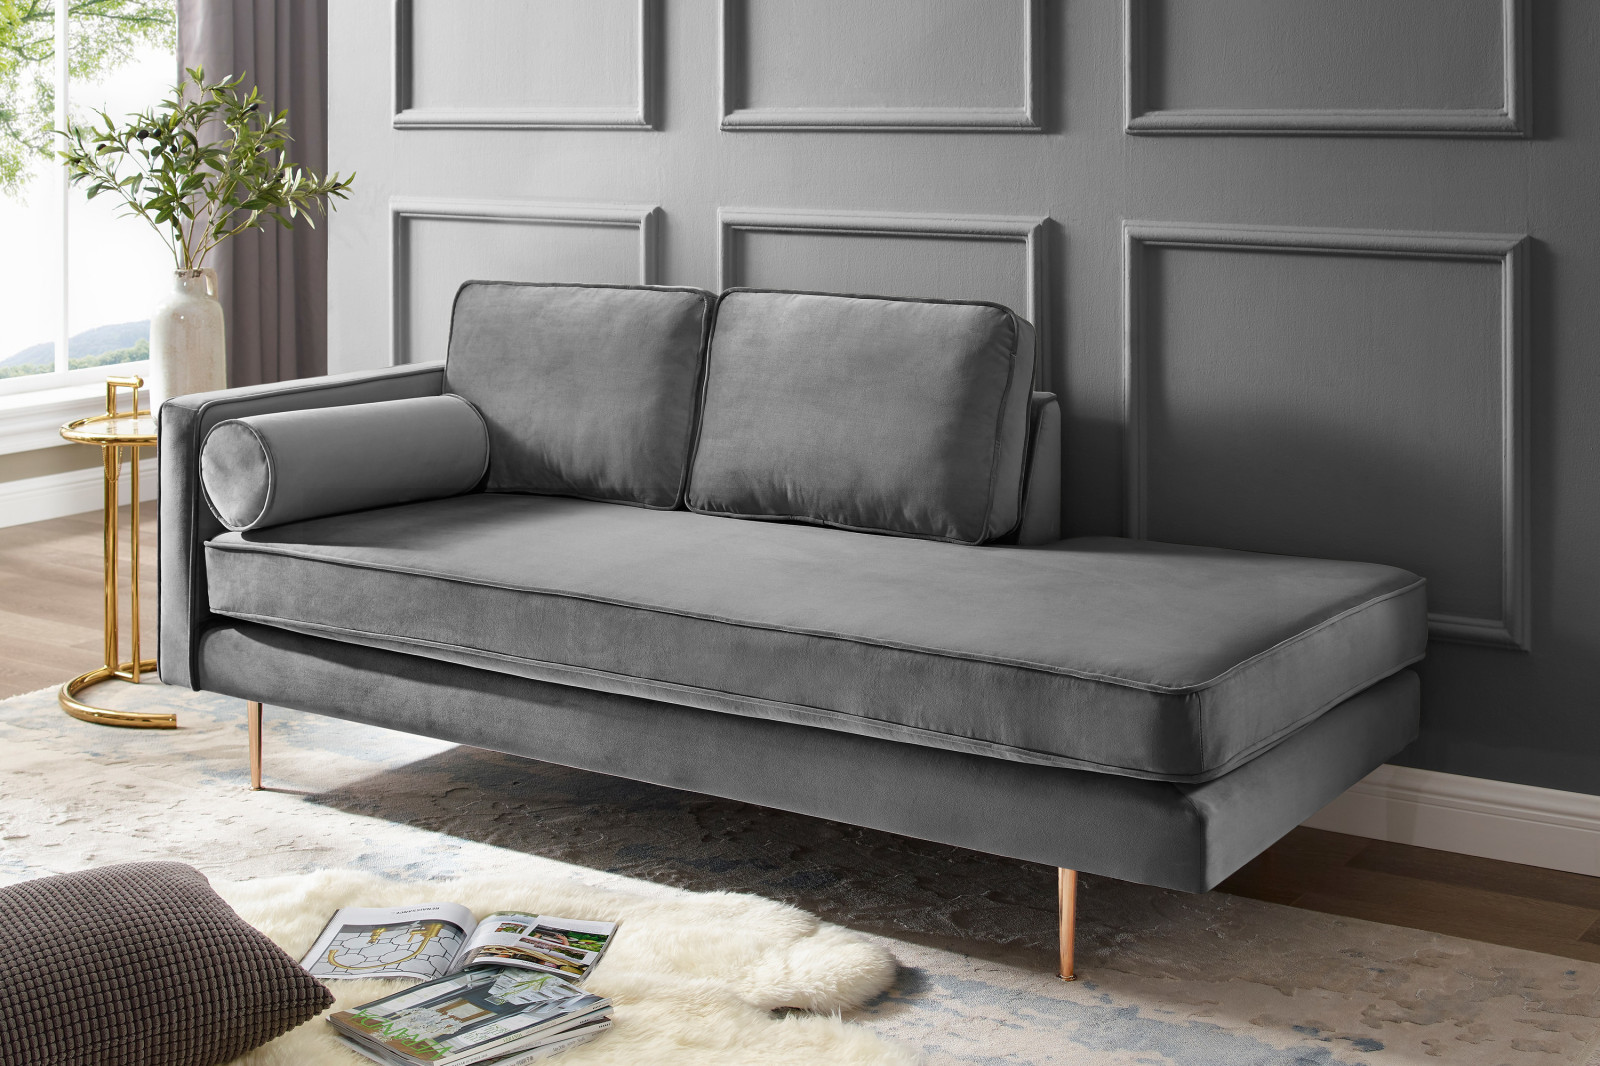 Full Size of Recamiere Samt Grau Lehne Links Online Bei Roller Kaufen Sofa Mit Wohnzimmer Recamiere Samt